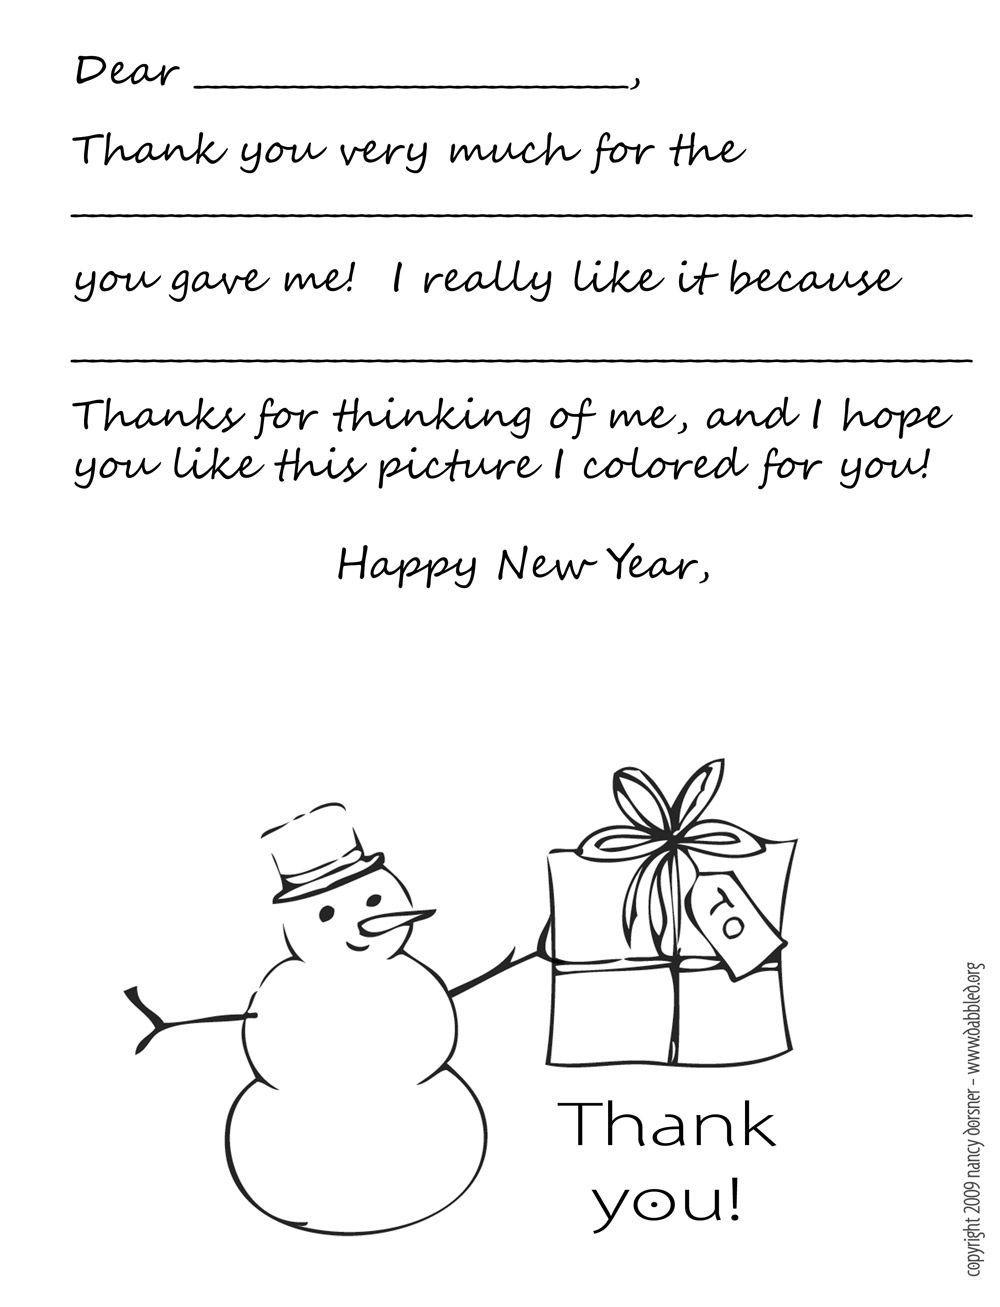 000 Wondrou Thank You Note Template Free Idea  Poshmark Christma TeacherFull